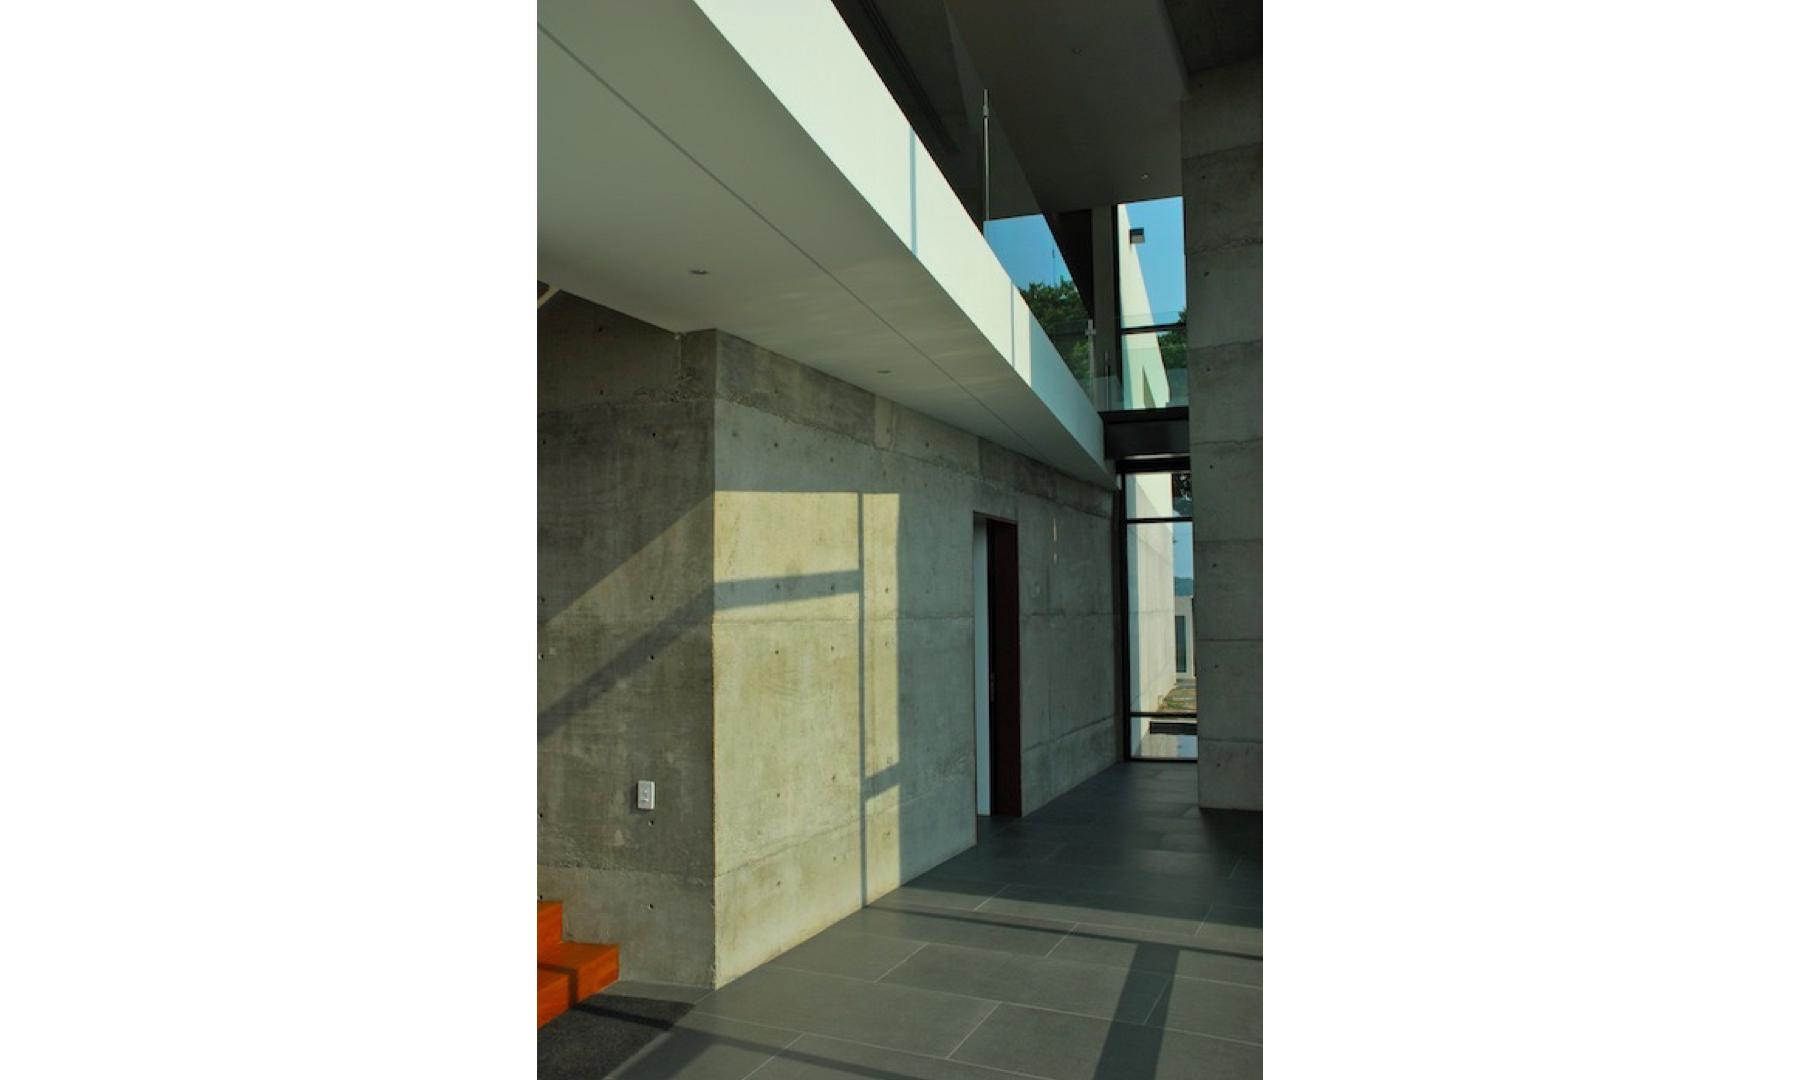 Casa VAV H.009.jpg